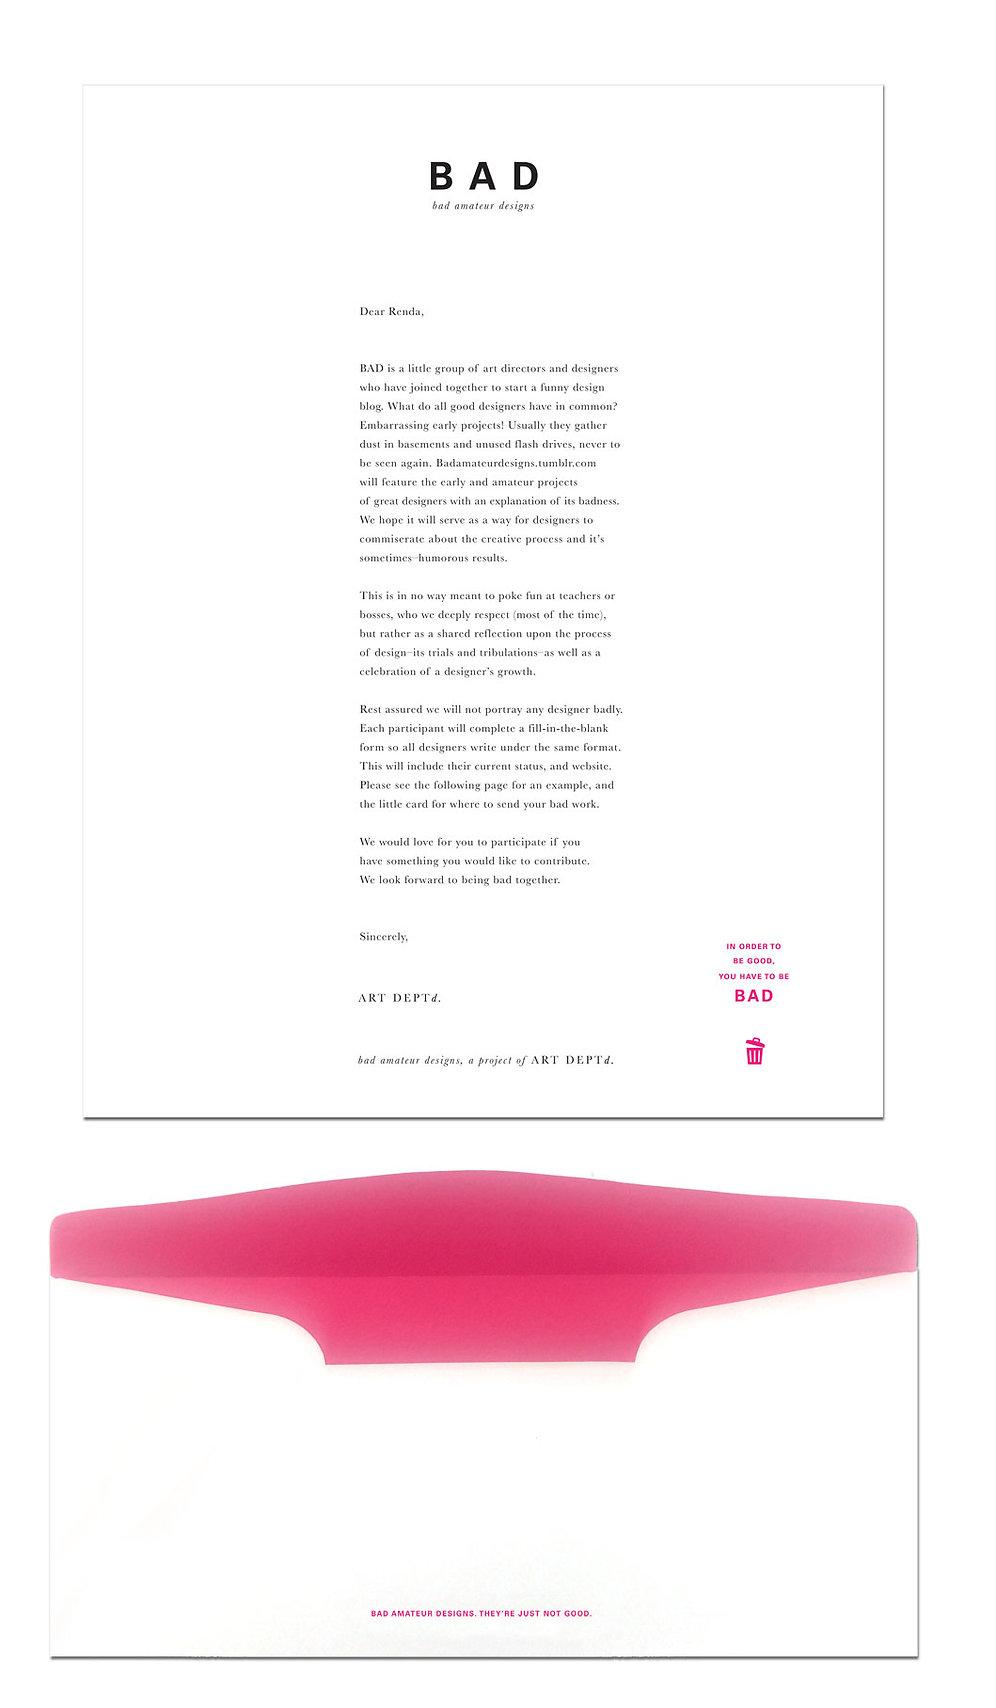 BAD-letterhead.jpg